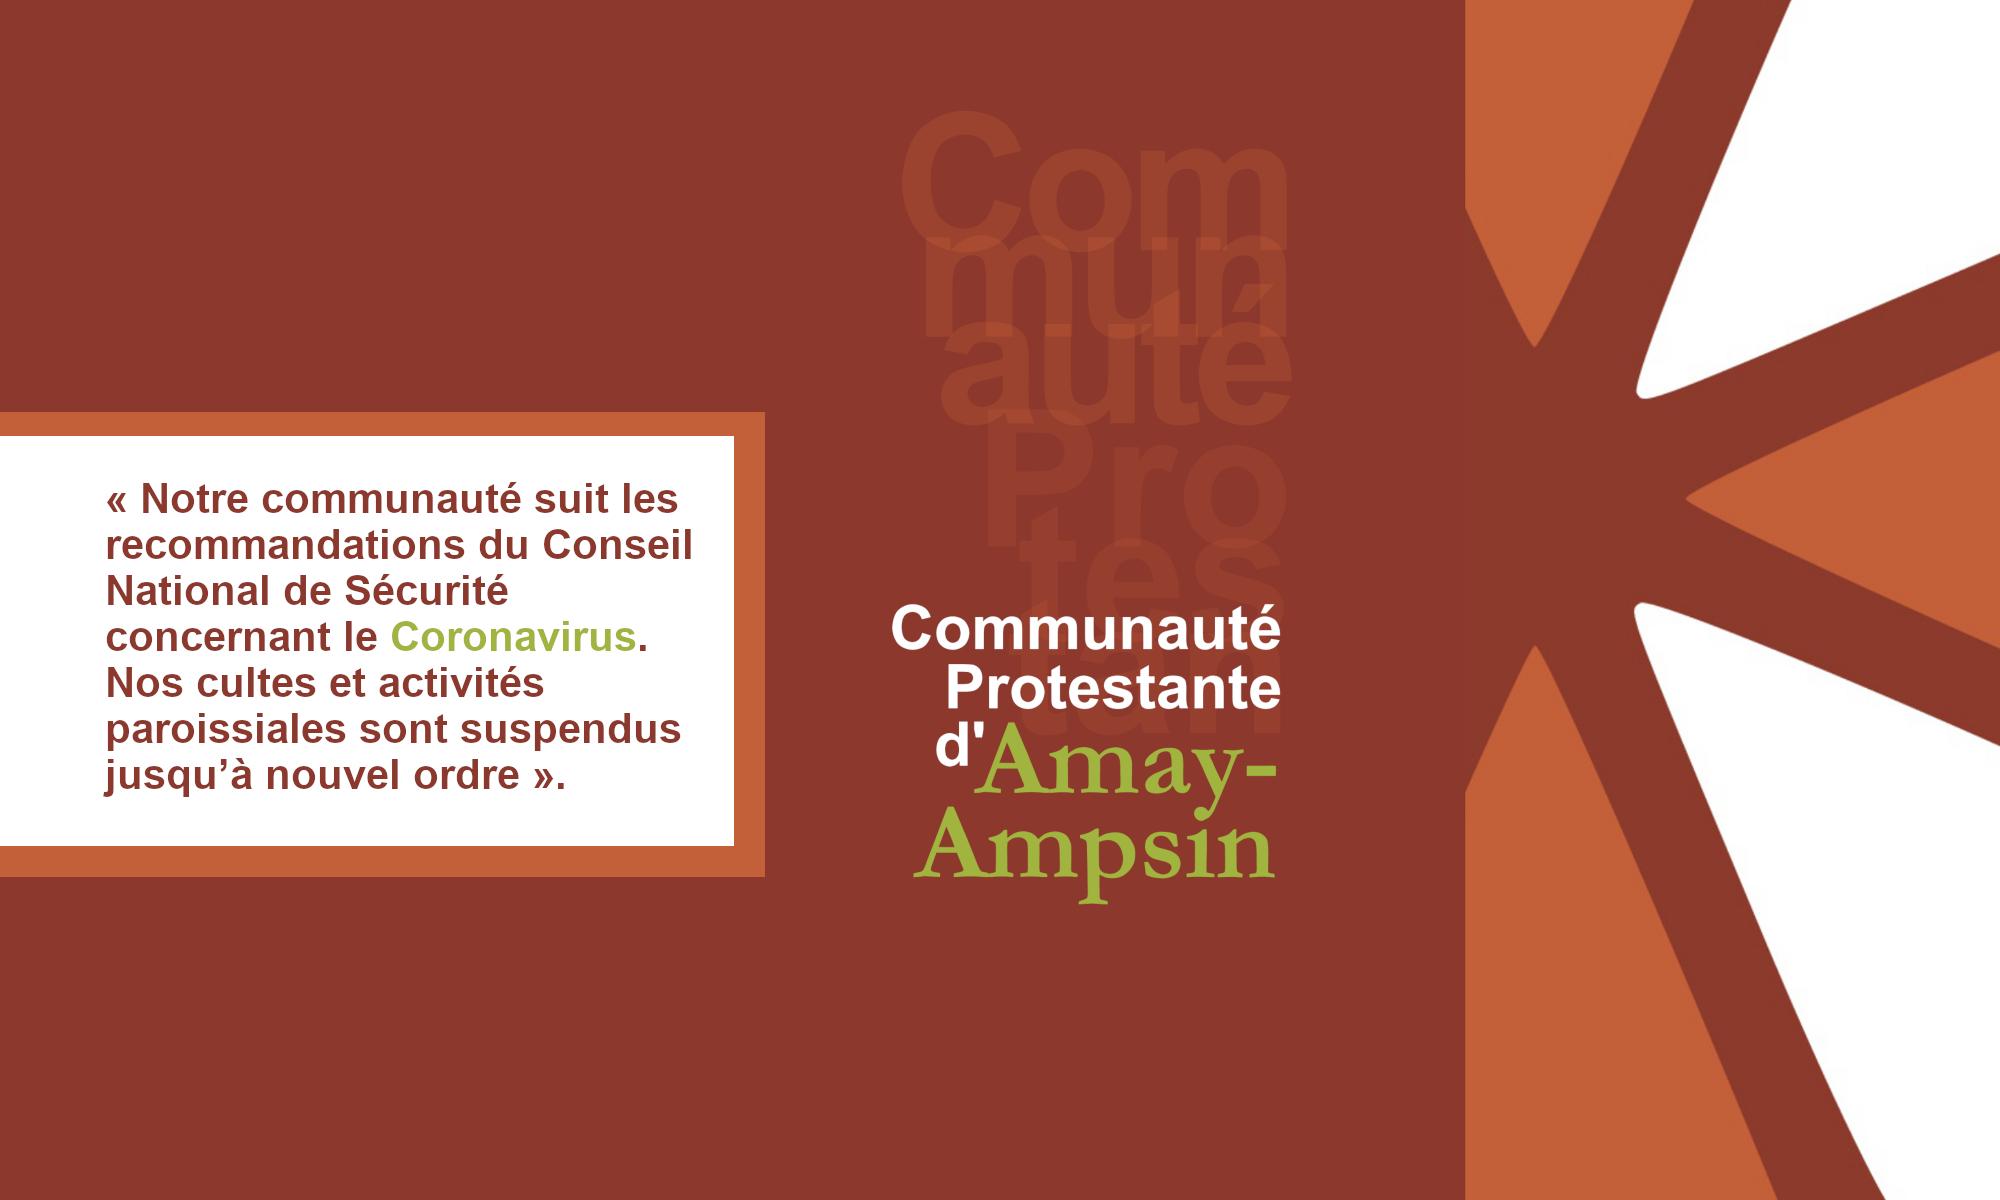 Communauté Protestante d'Amay-Ampsin